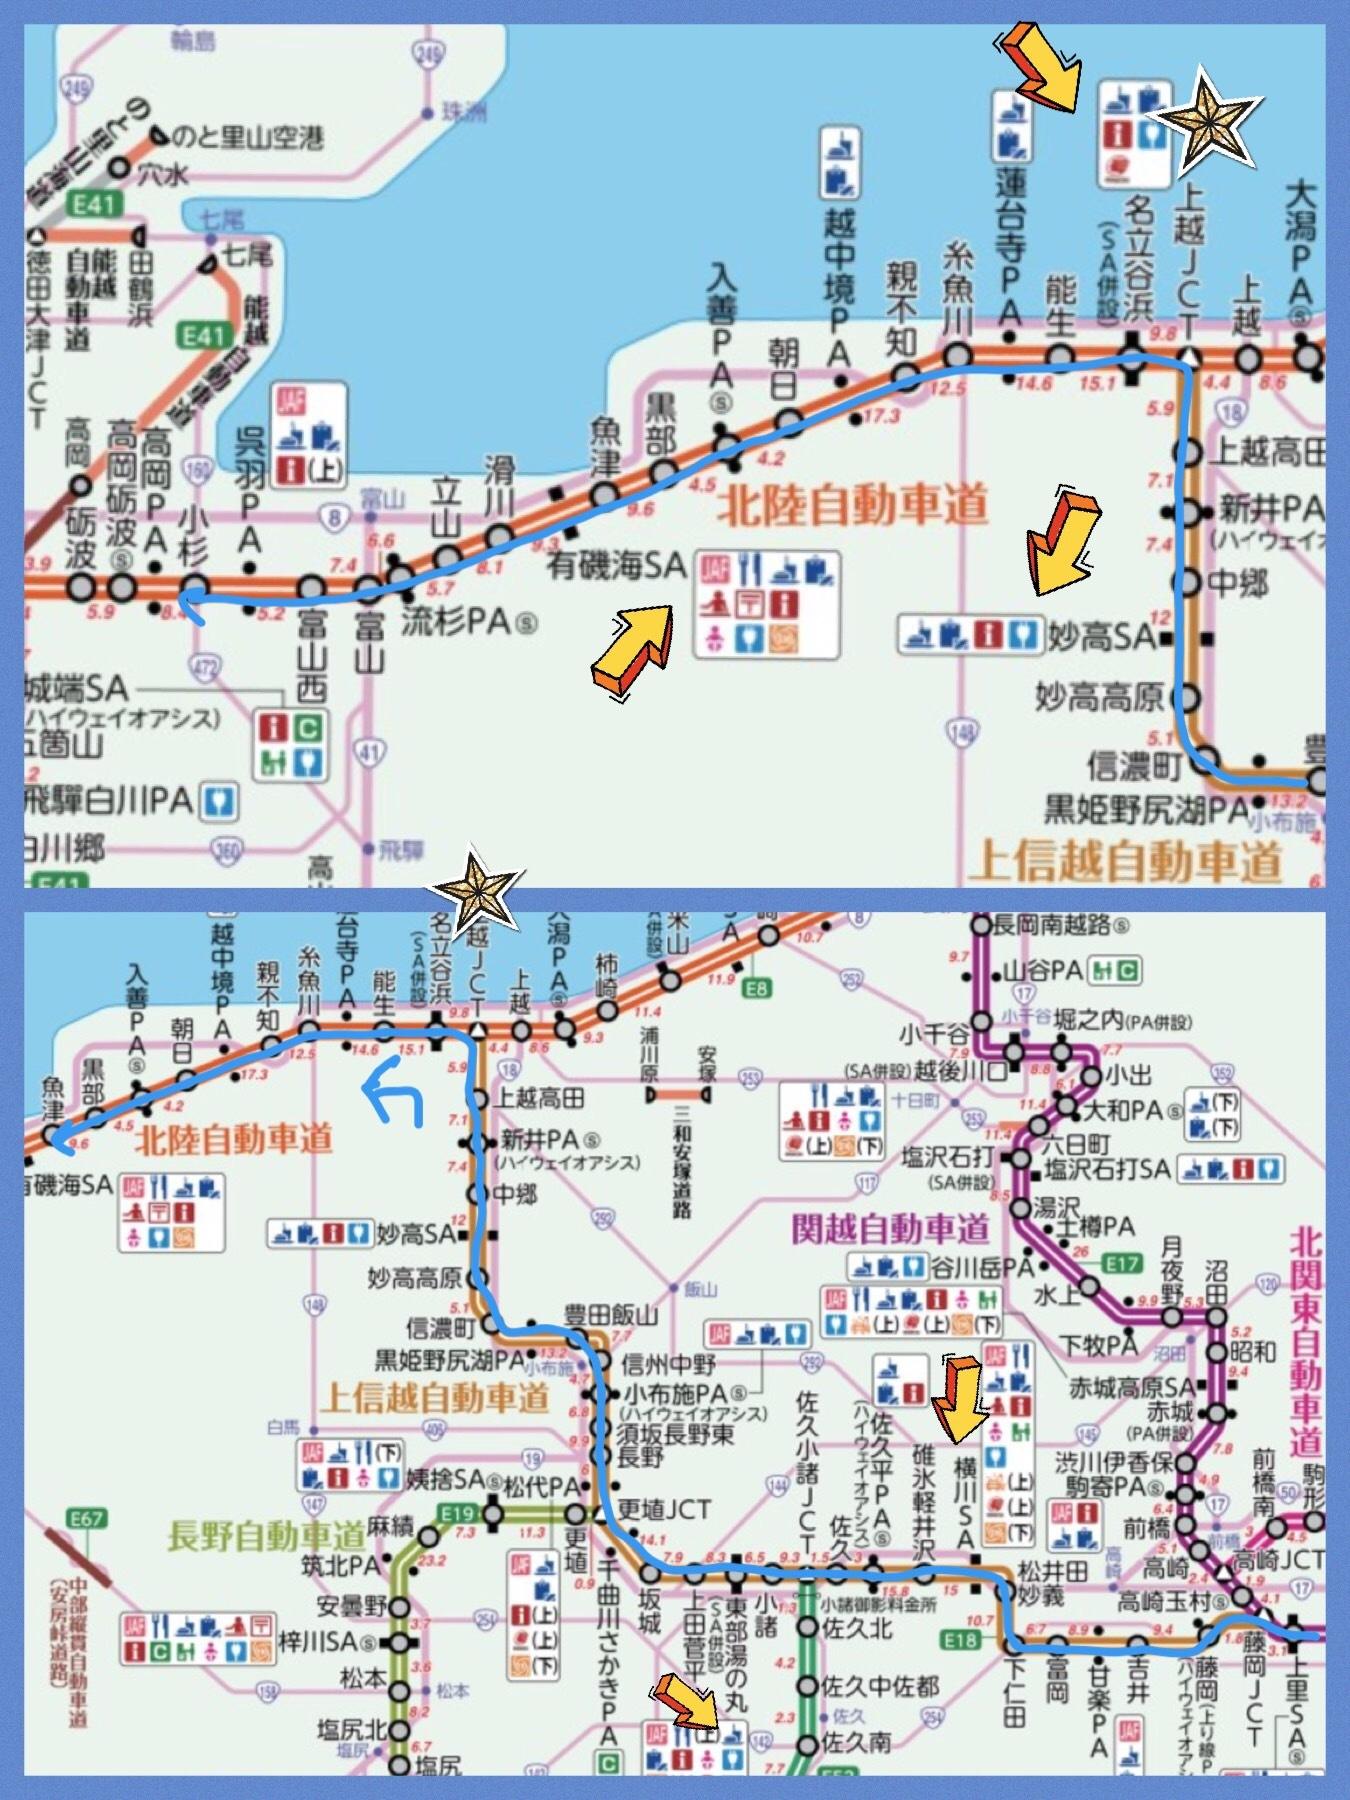 2019年5月 軽井沢〜富山ドライブ旅行 アウトランダーPHEV 充電スポット